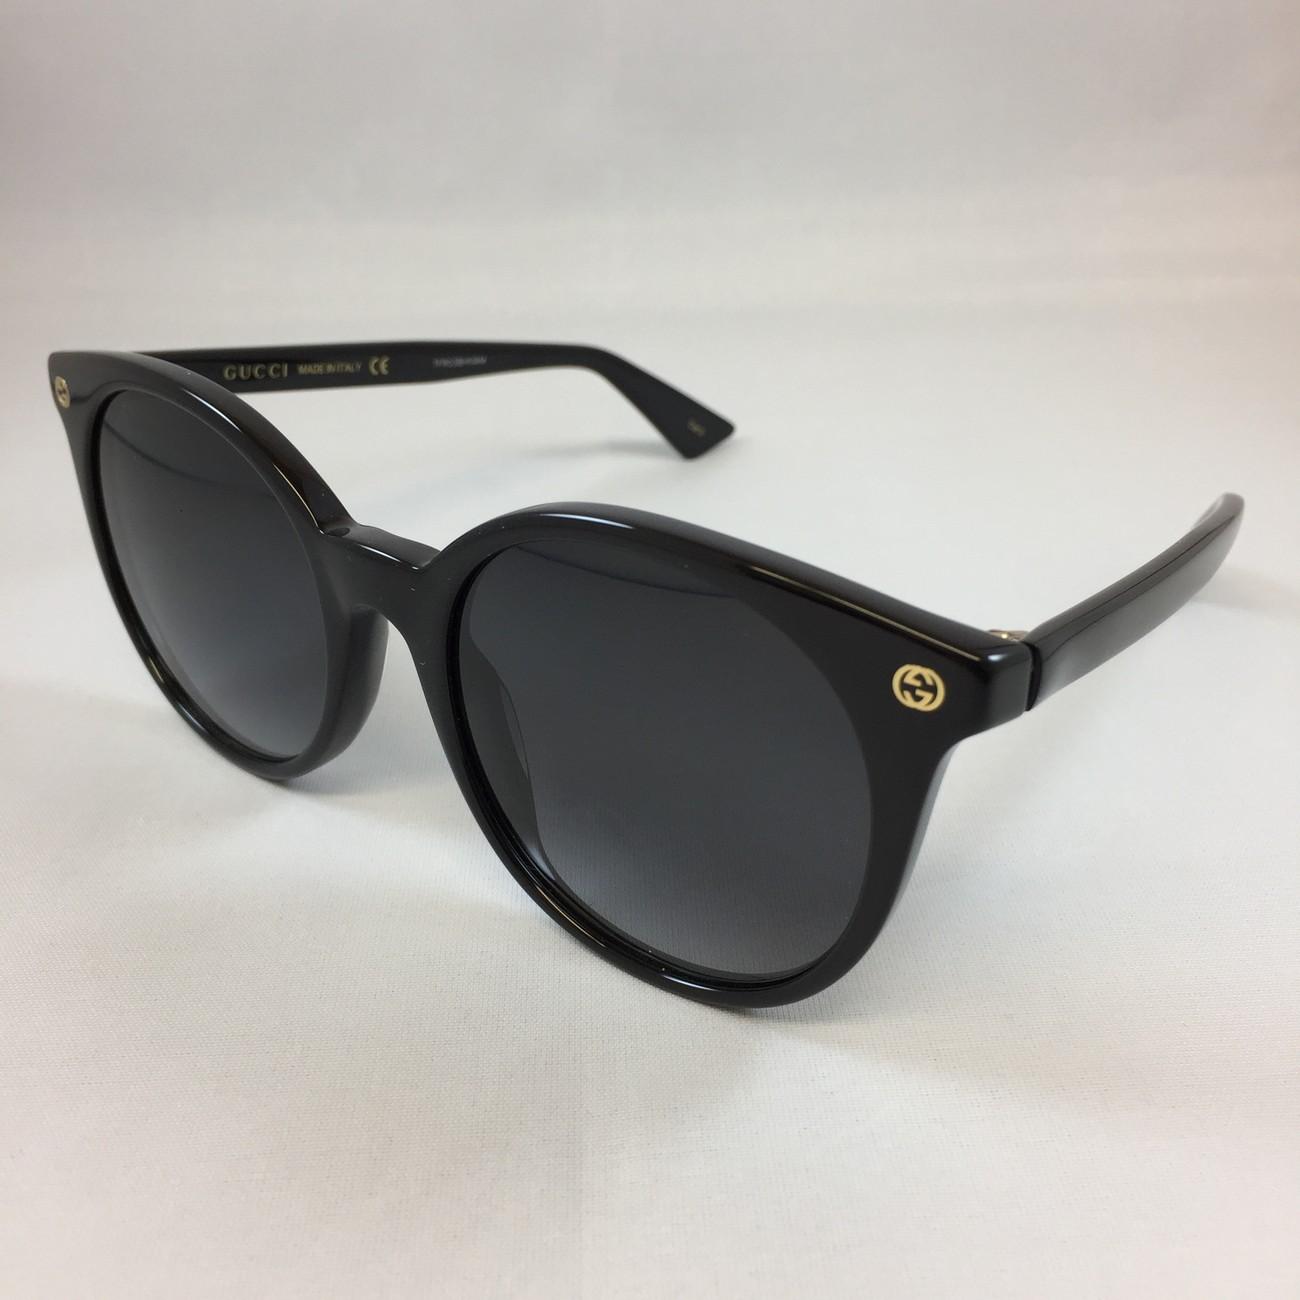 Gucci GG0091S 001 black